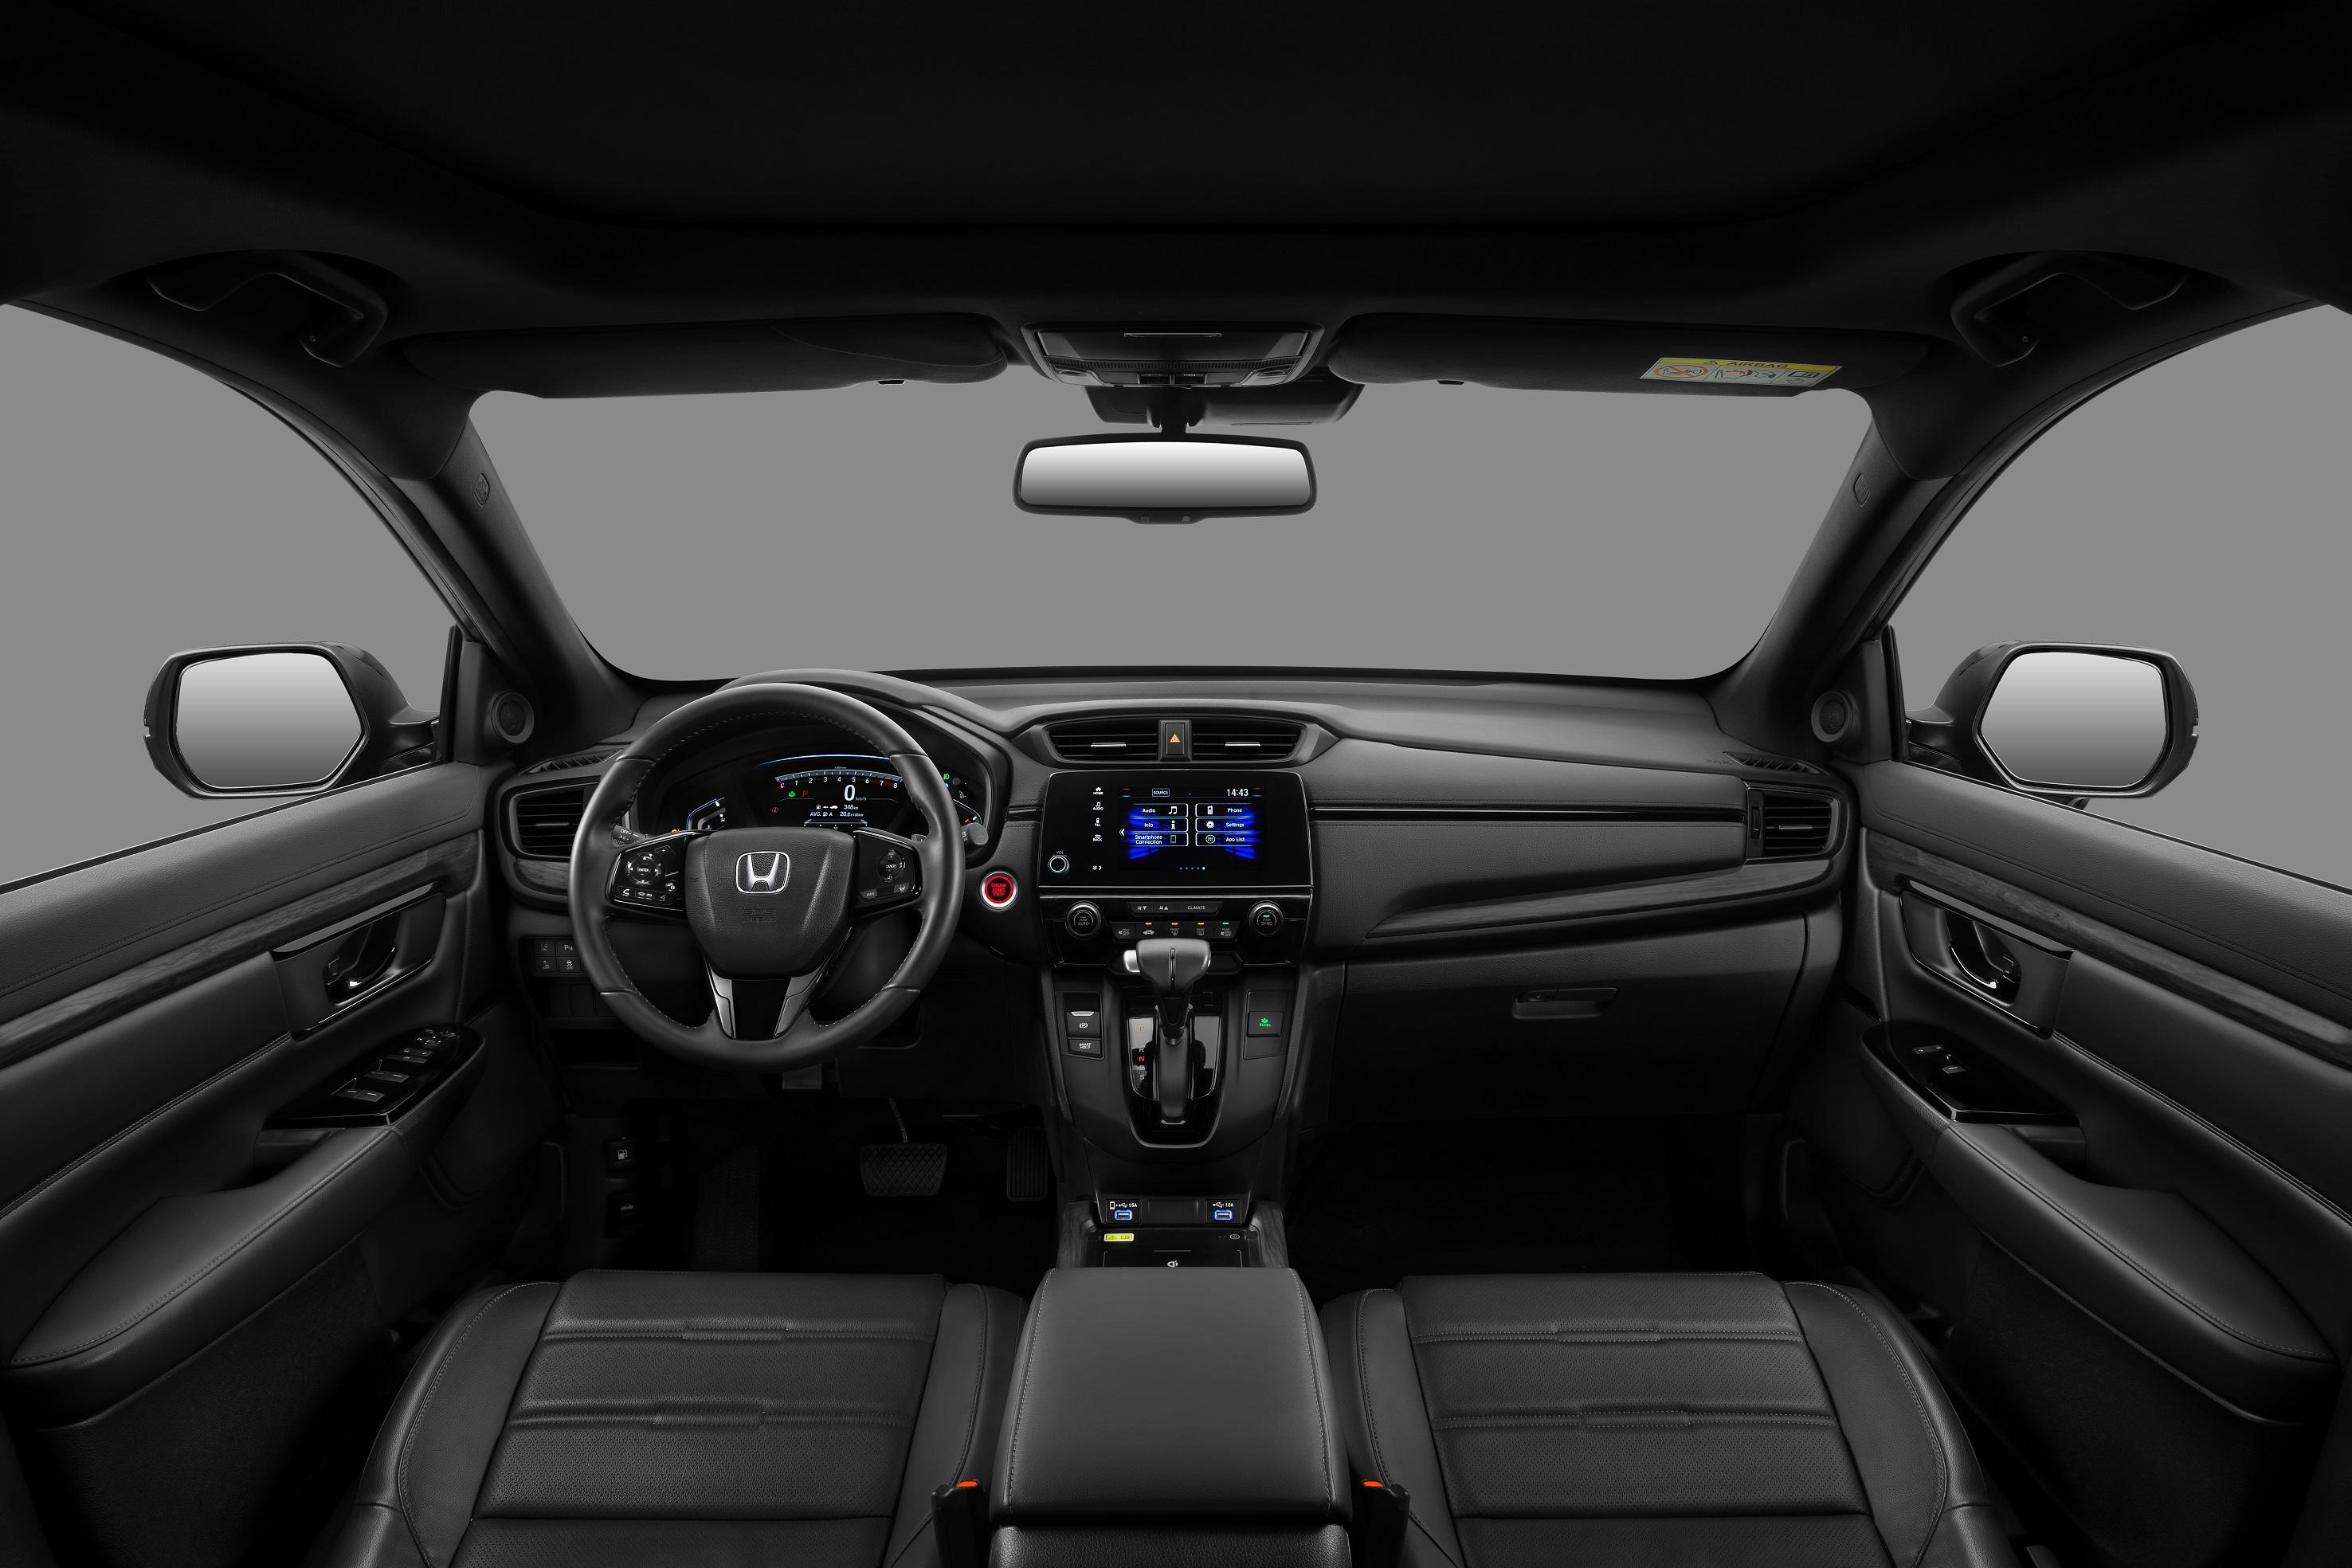 Honda CR-V phiên bản đặc biệt ra mắt tại Việt Nam, giá 1,138 tỷ honda-cr-v-5.jpg